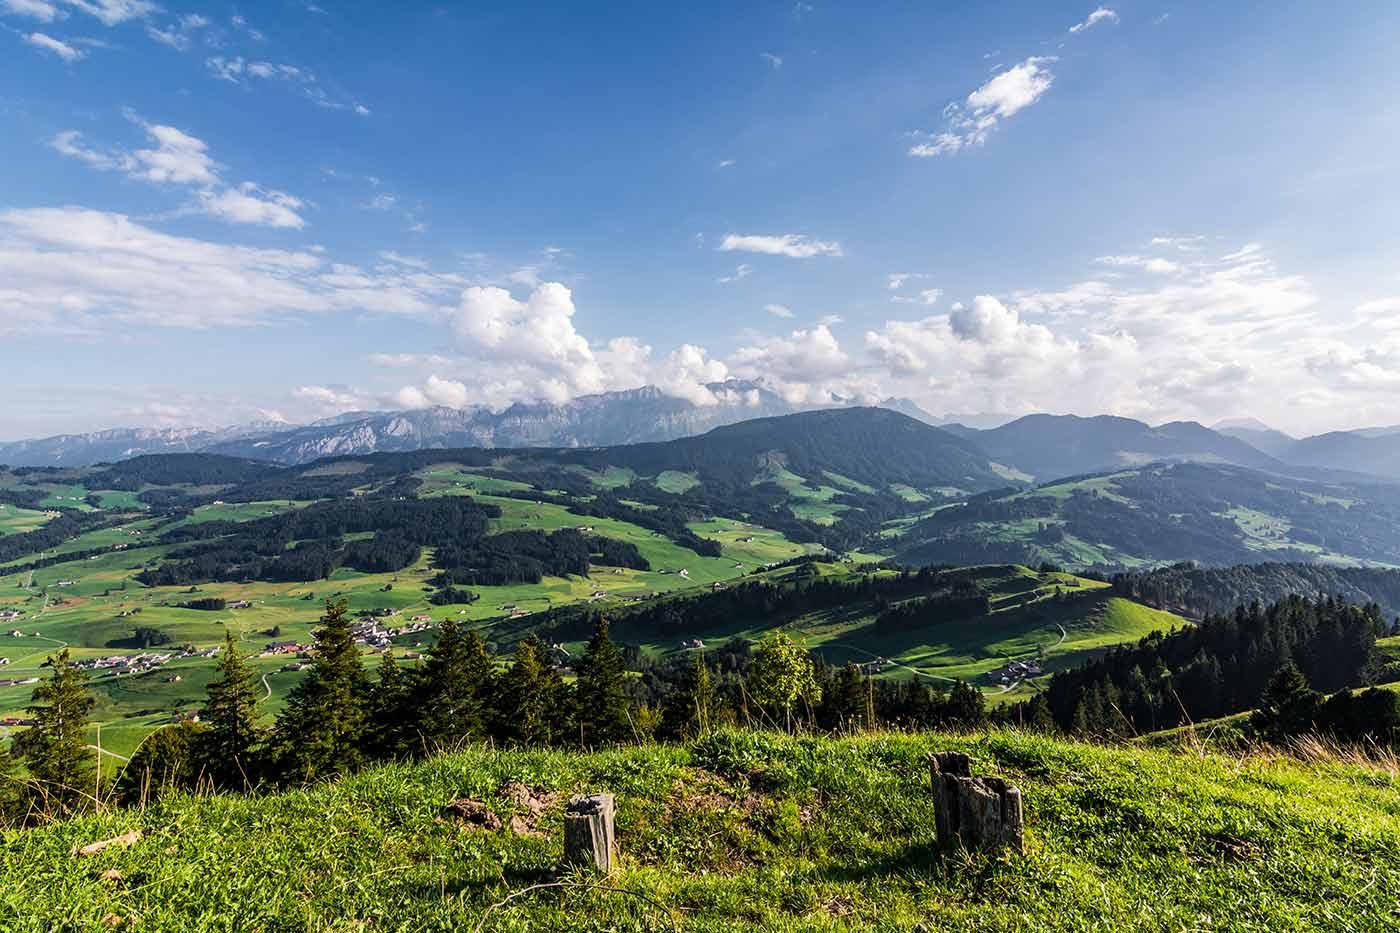 Die Grenze zwischen den Schweizer Kantonen Appenzell Ausserrhoden und Appenzell Innerrhoden auf der Hundwiler Höhi